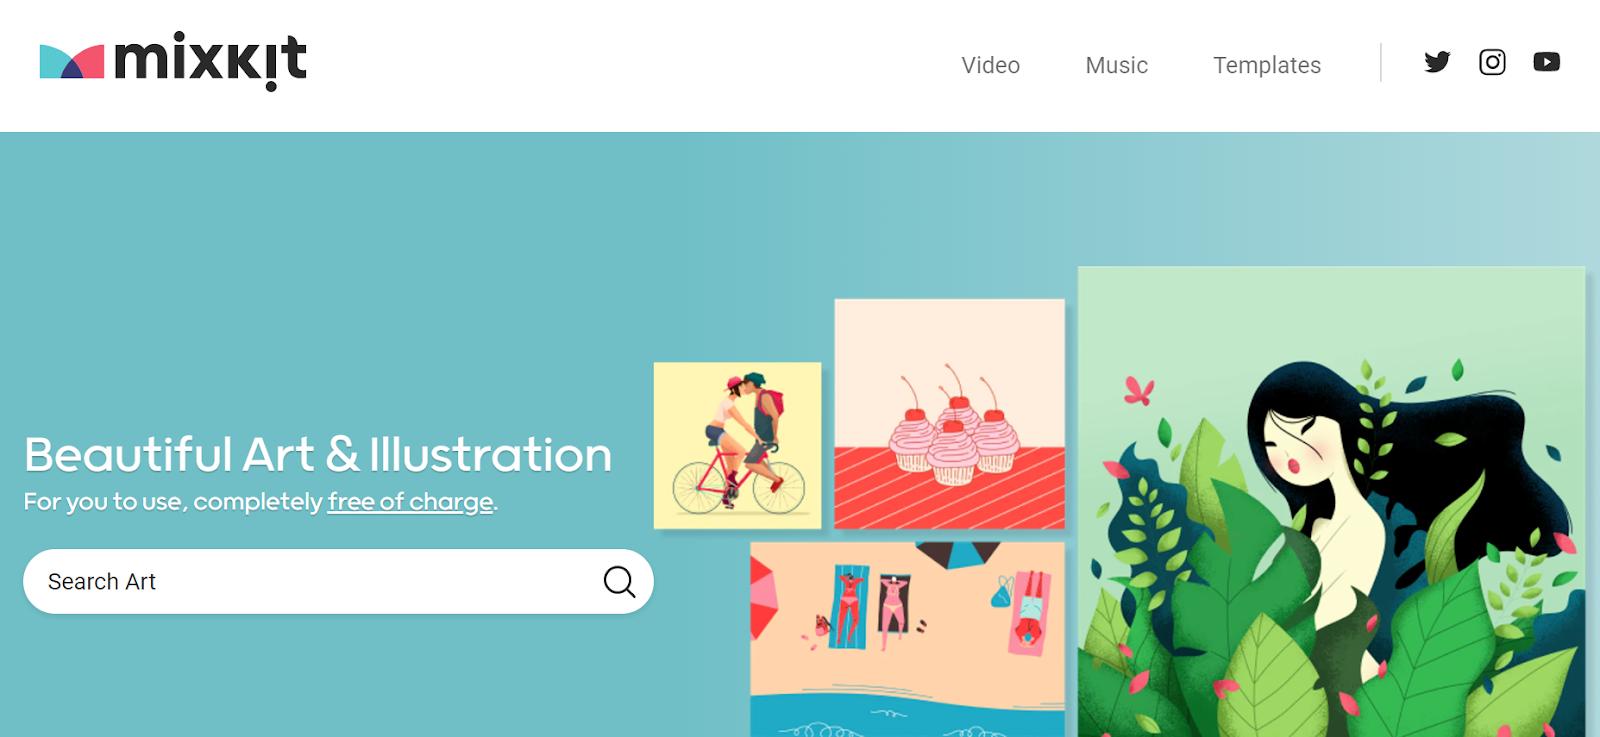 mixkit - banques d'illustrations gratuites